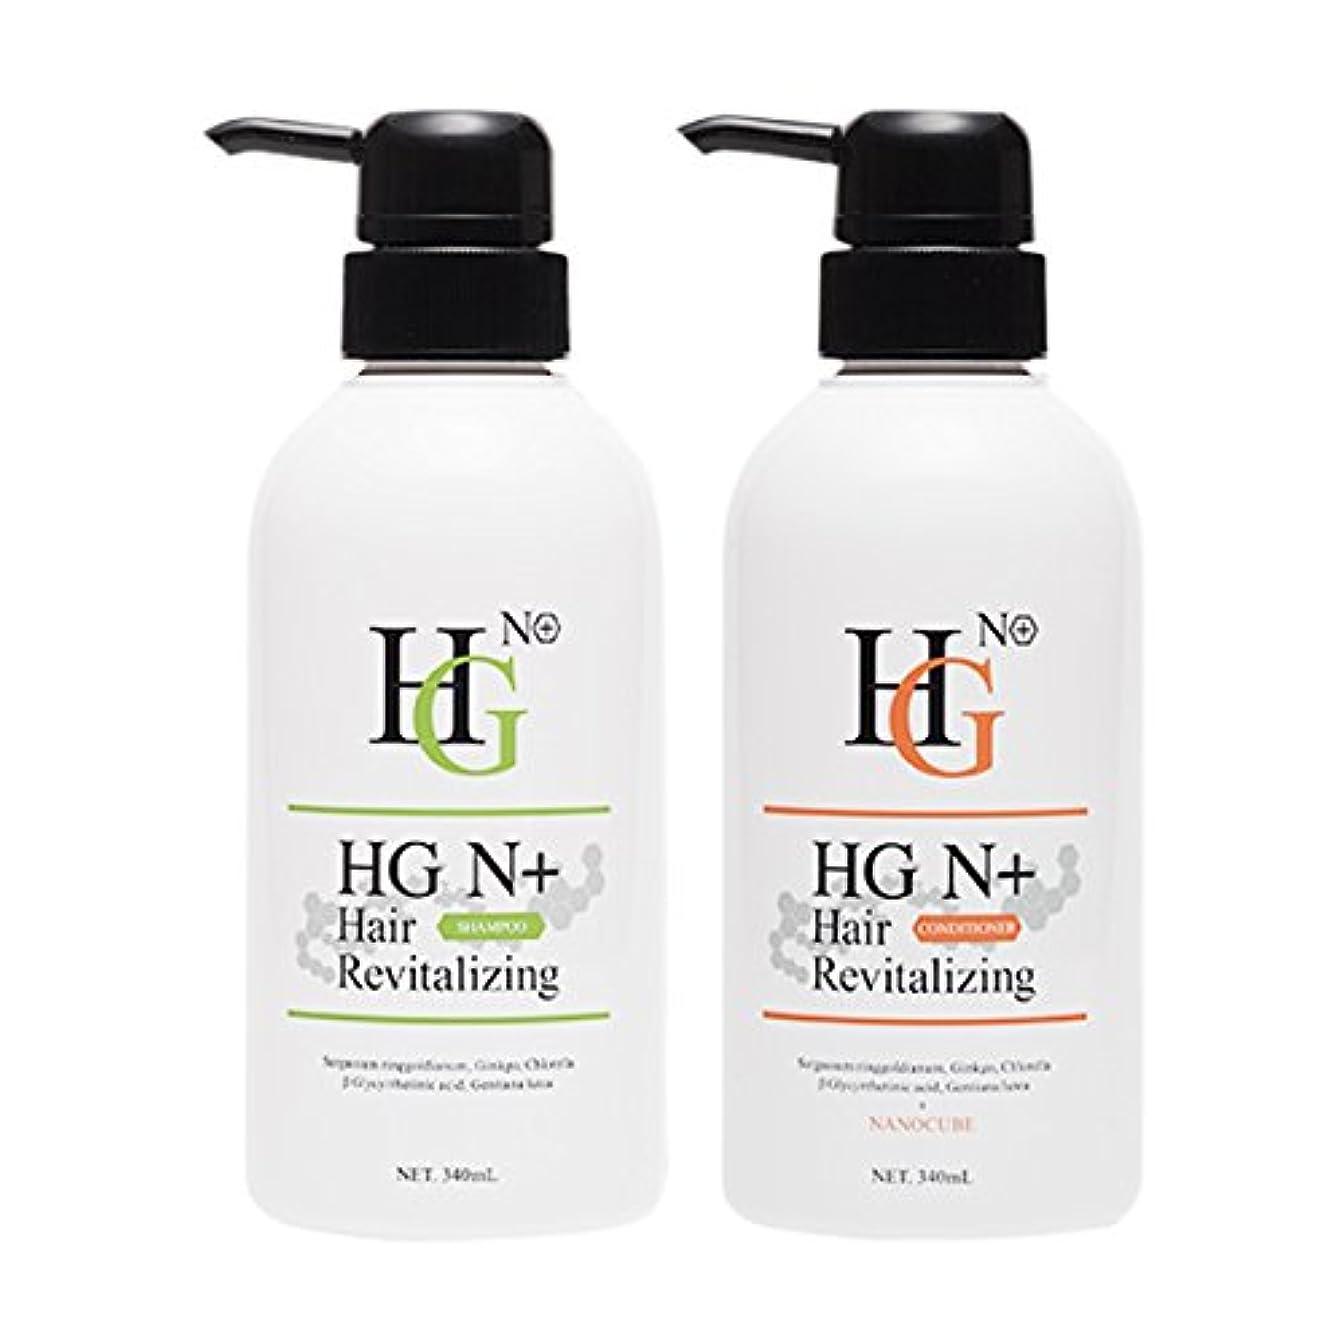 十二反毒船形HG N+ シャンプー?コンディショナー 2点セット 薬用ドクターズヘアケアシリーズ 医療機関専売品